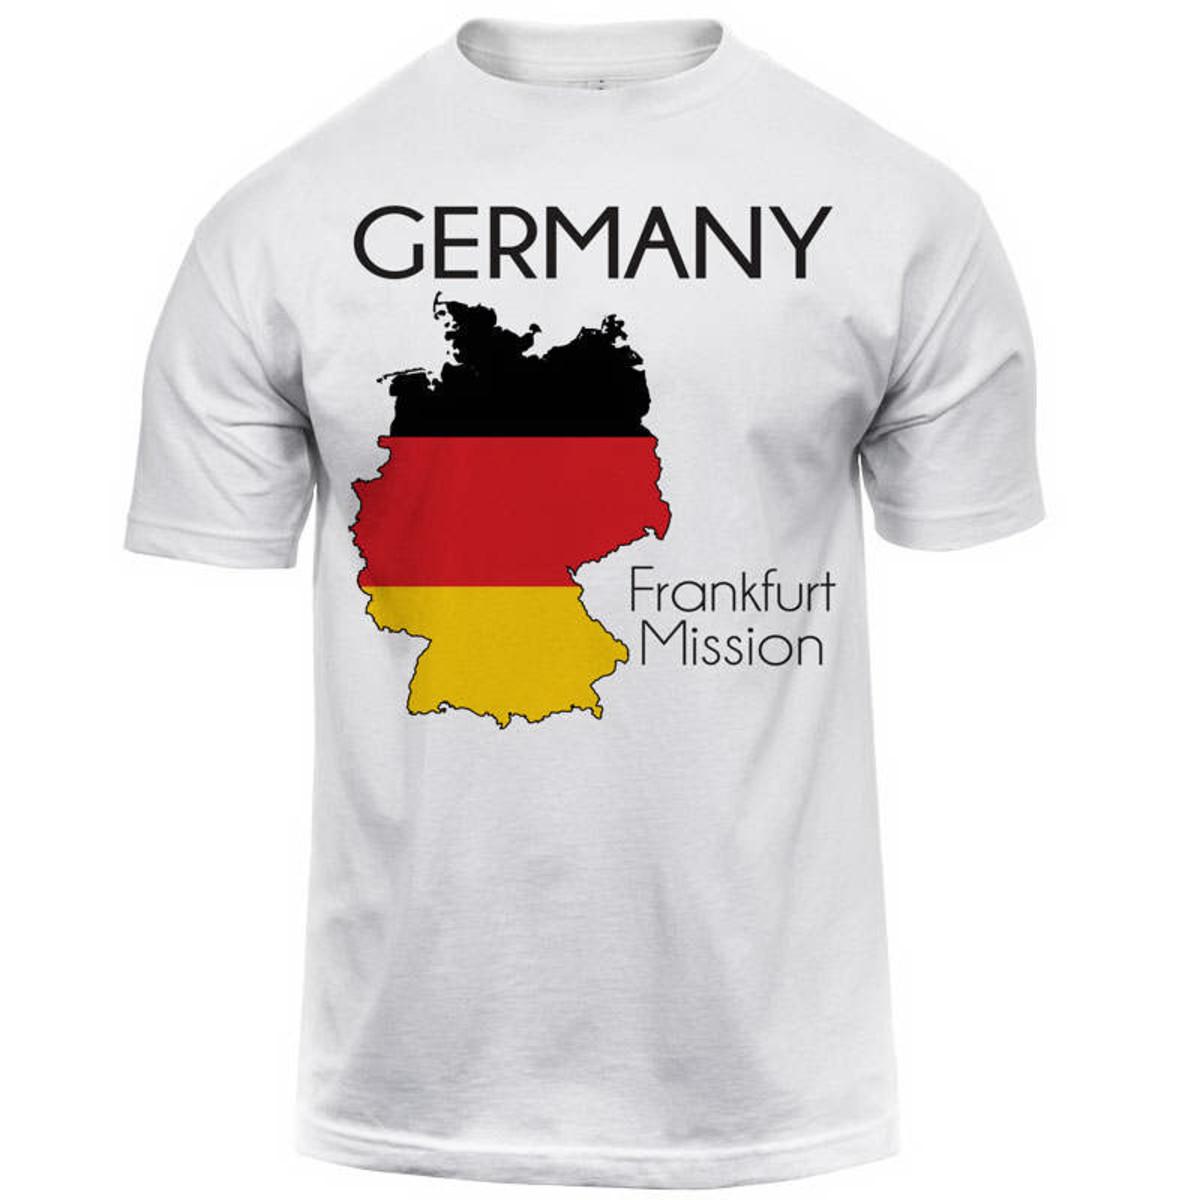 germany frankfurt map mission tee shirt men u0026 39 s